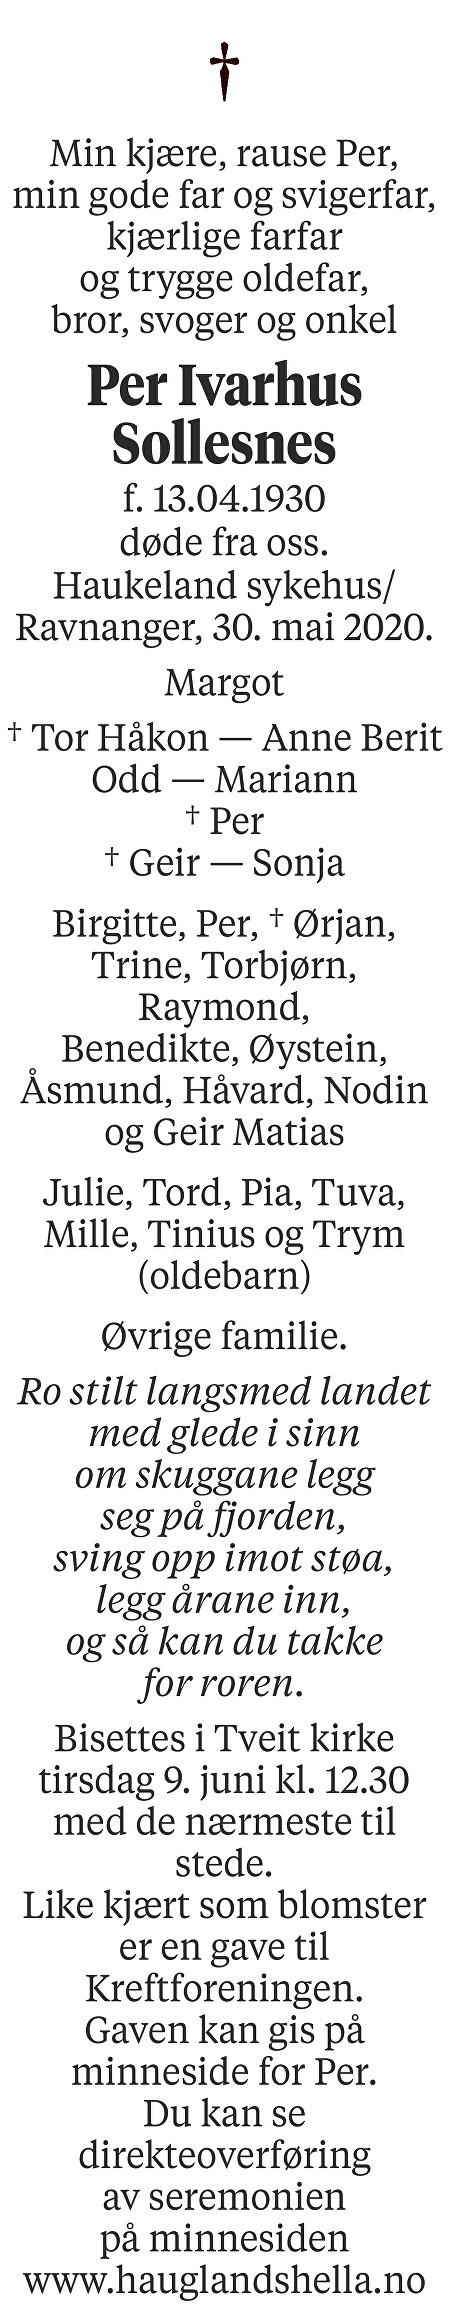 Per Ivarhus Sollesnes Dødsannonse